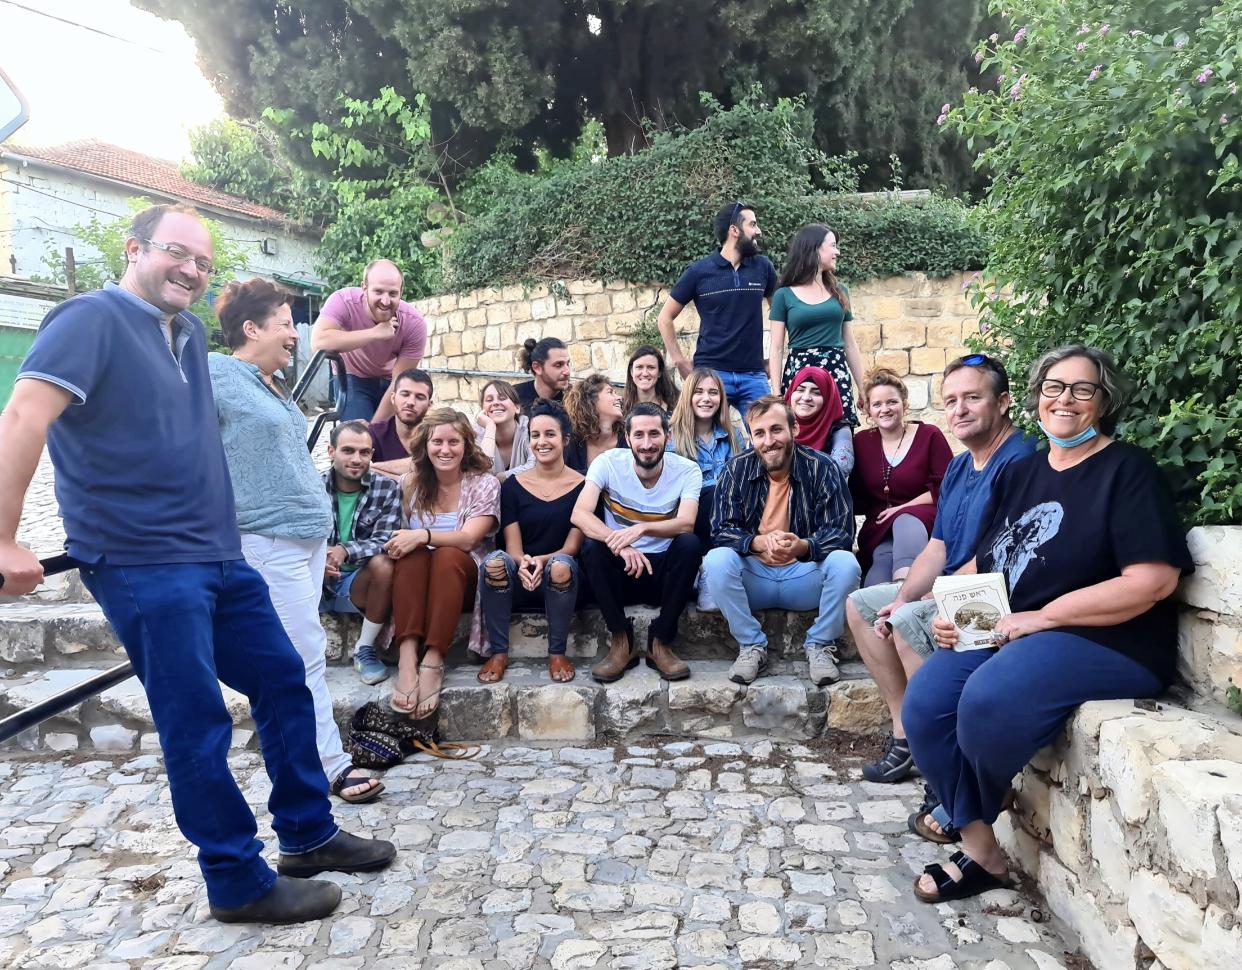 קרן רוטשילד ועמותת התיירות ארץ הגליל למען התיירות בגליל העליון